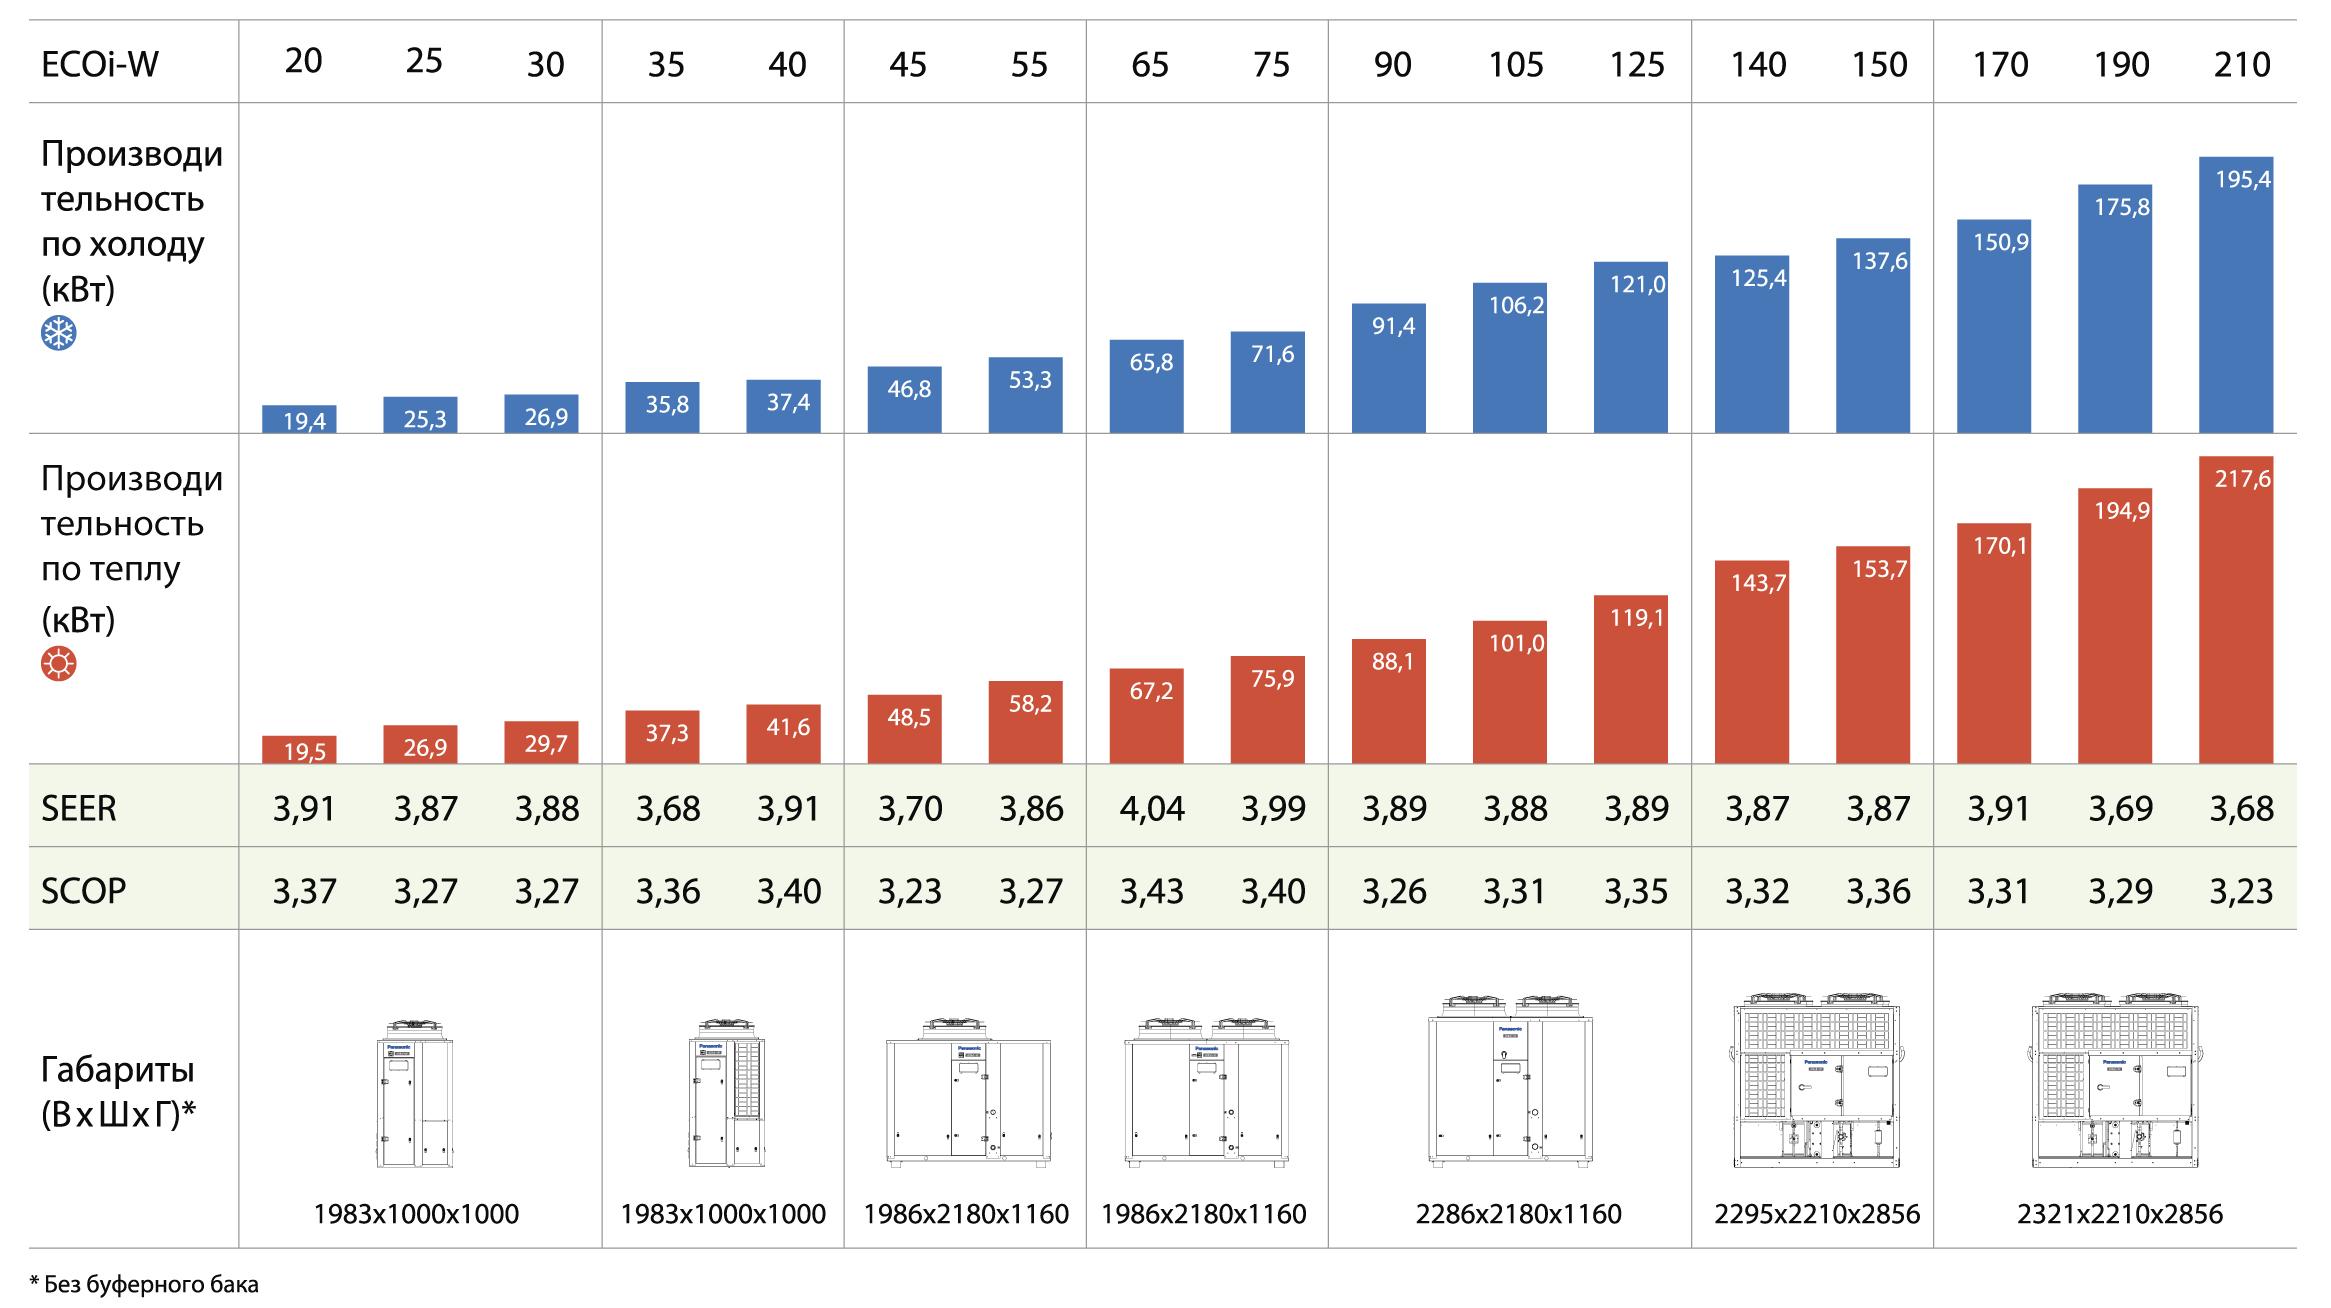 Таблица данных по мощности, коэффициентам энергоэффективности и габаритным размерам